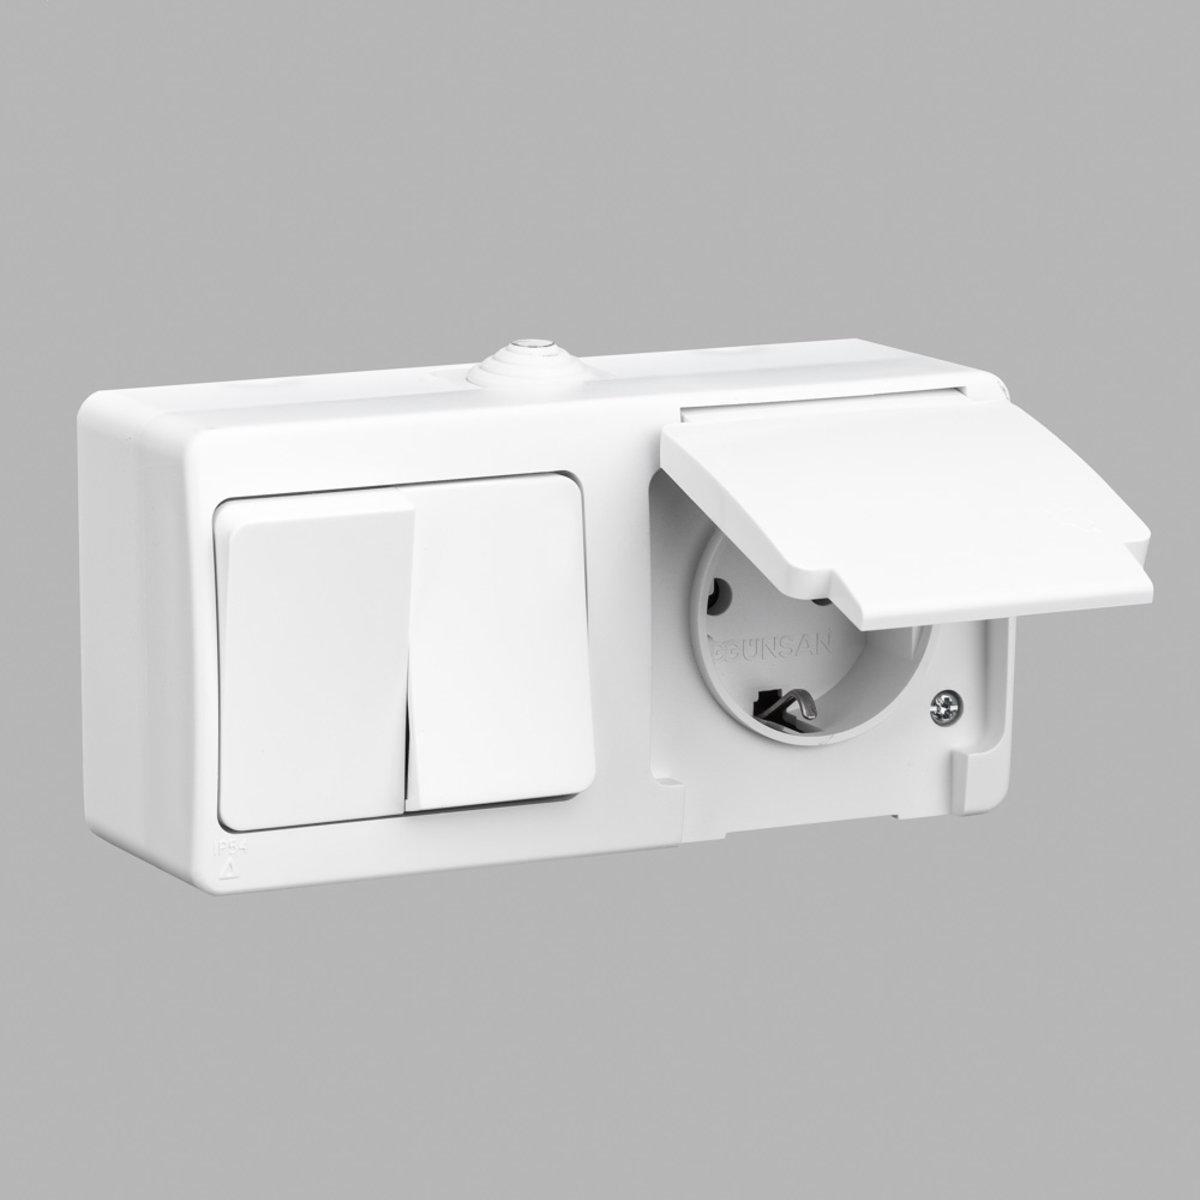 Nemli блок вимикач 2-й + розетка з заземленням вологозахищений білий